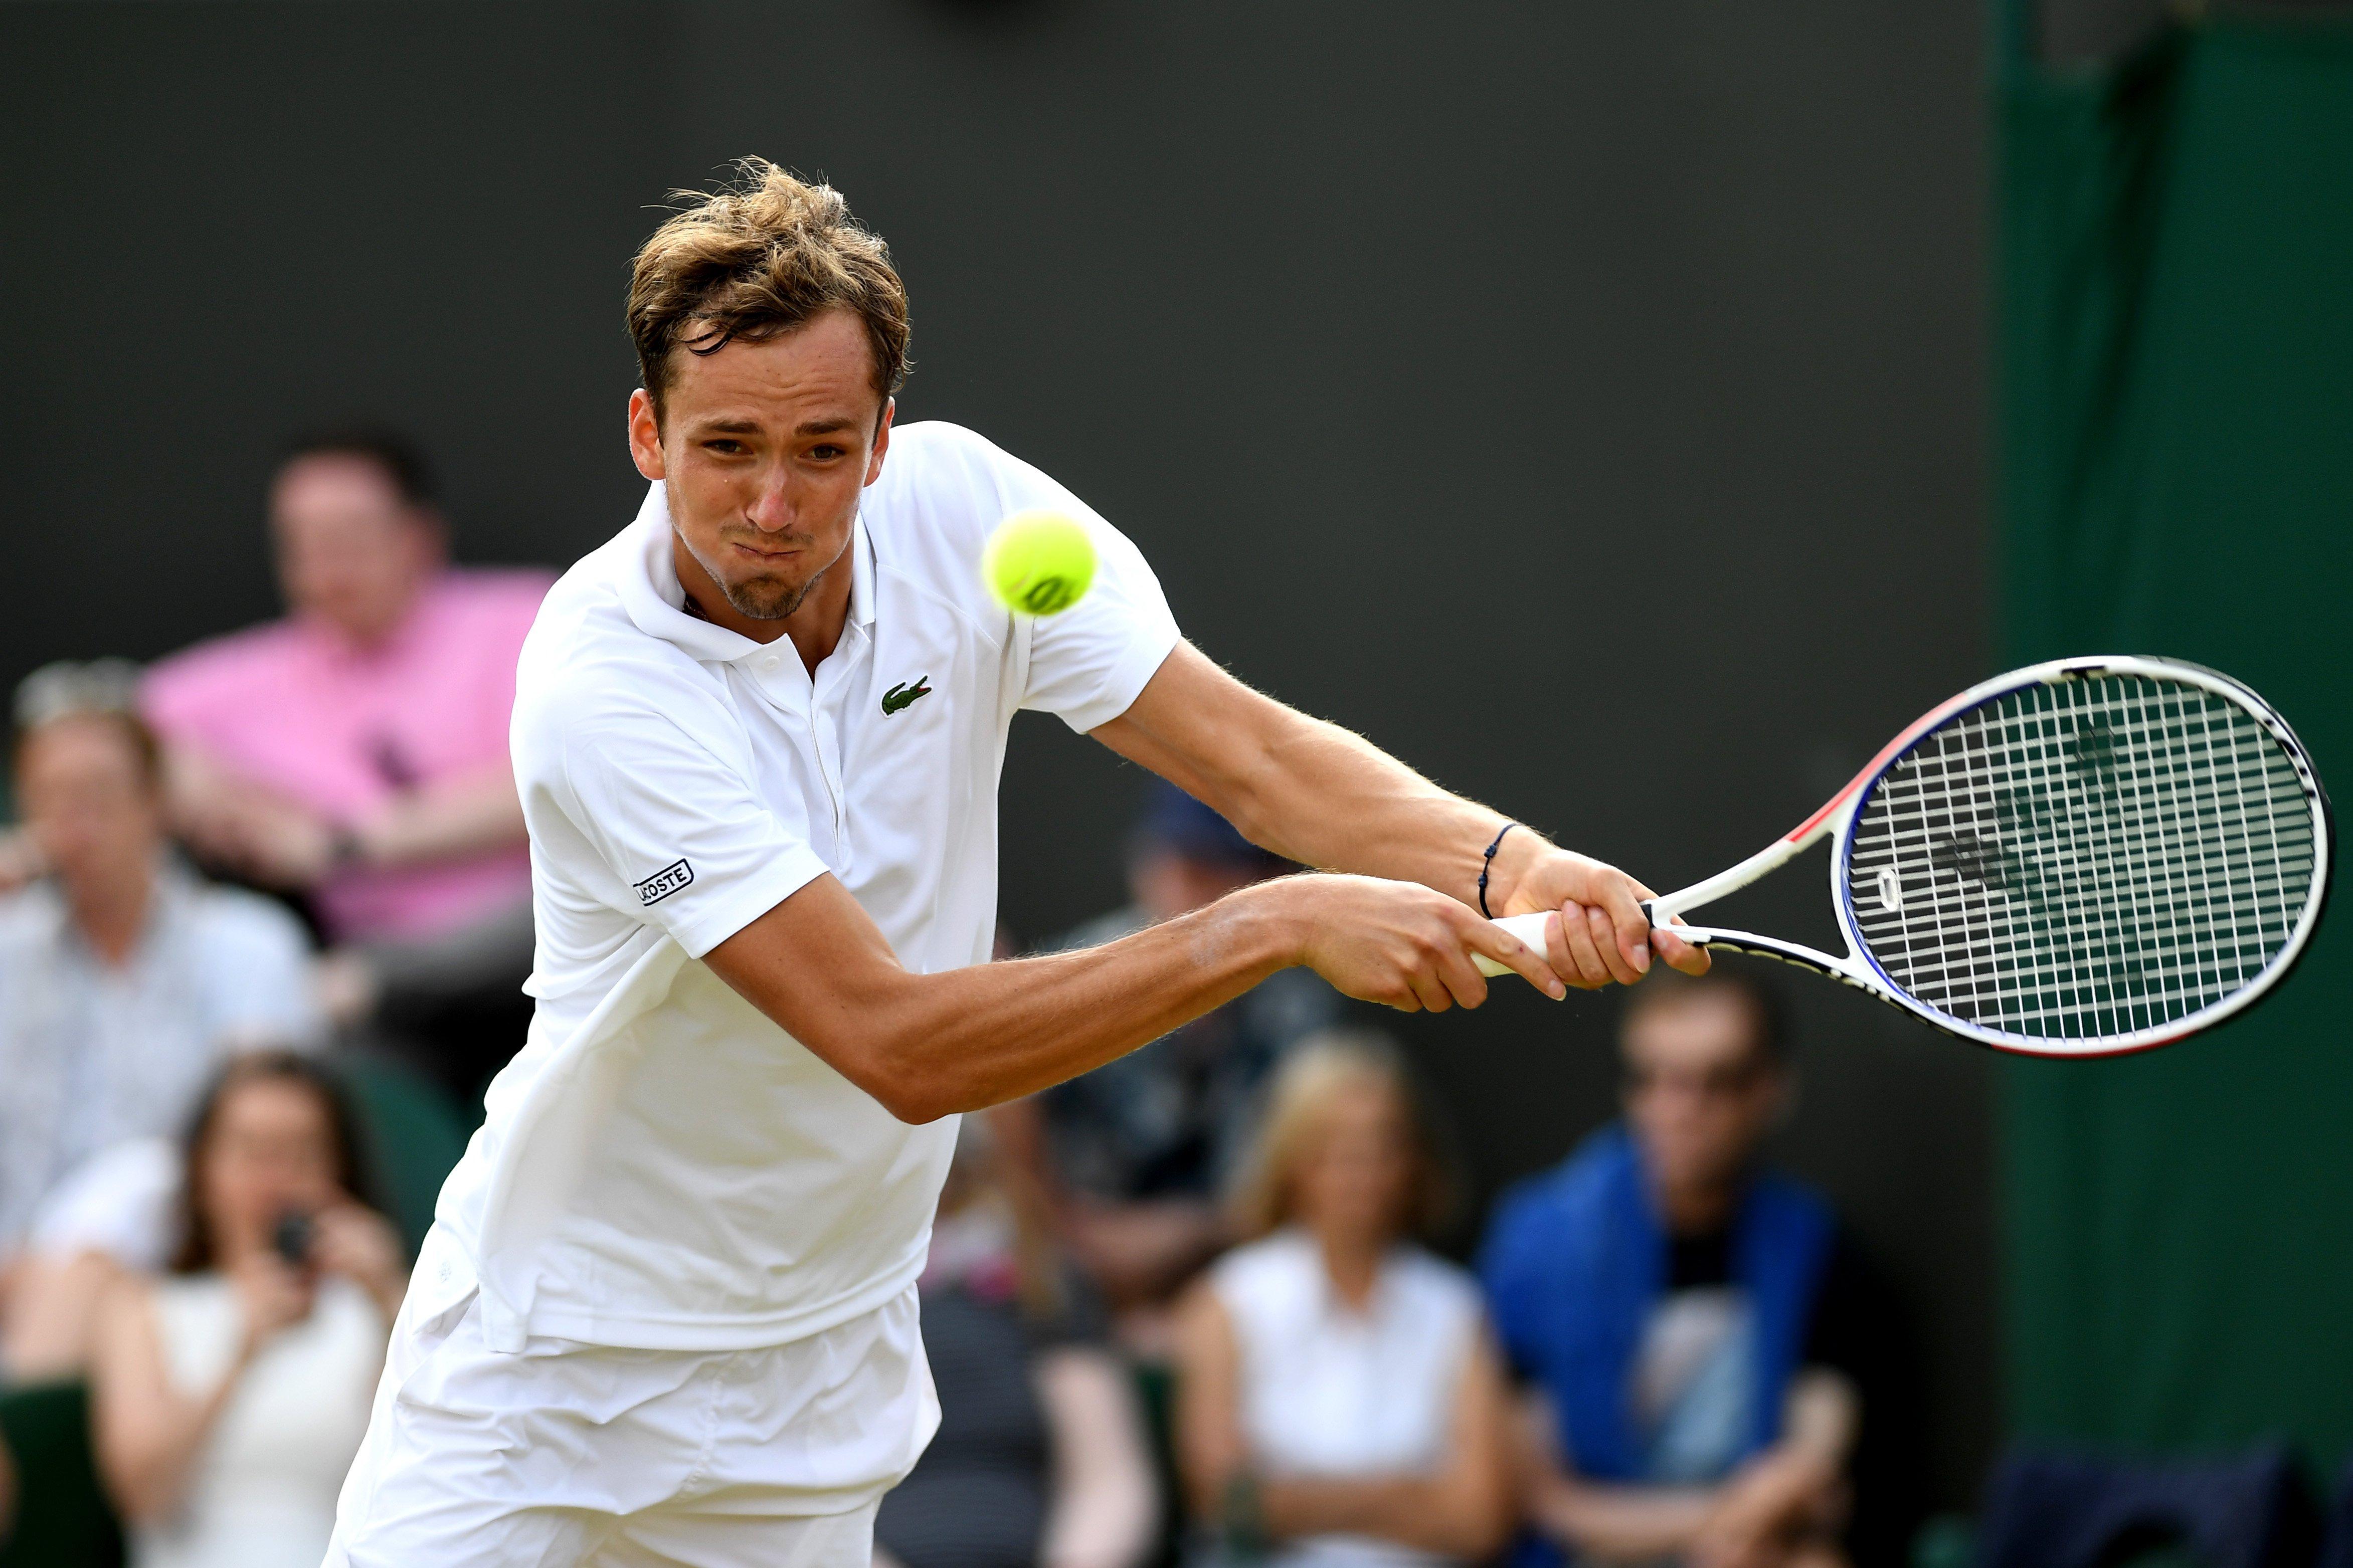 Медведев вышел во второй круг «Ролан Гаррос»